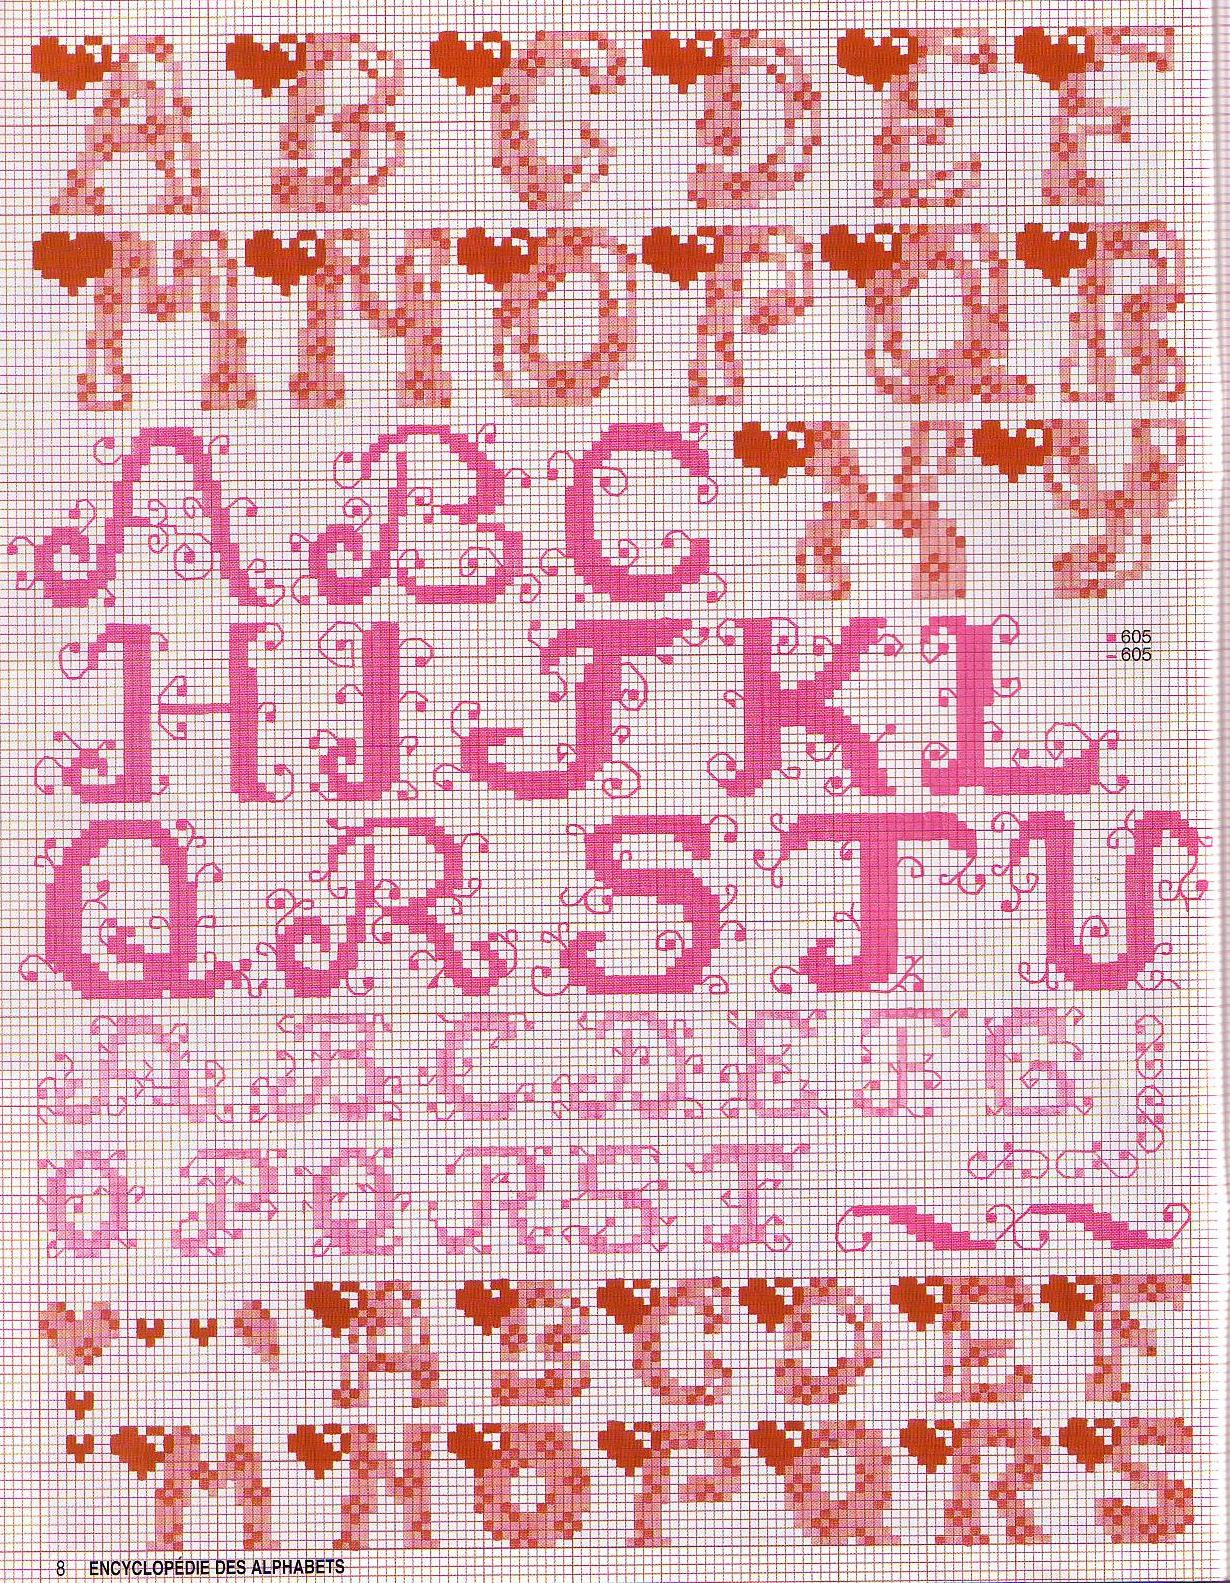 grille alphabet au point de croix